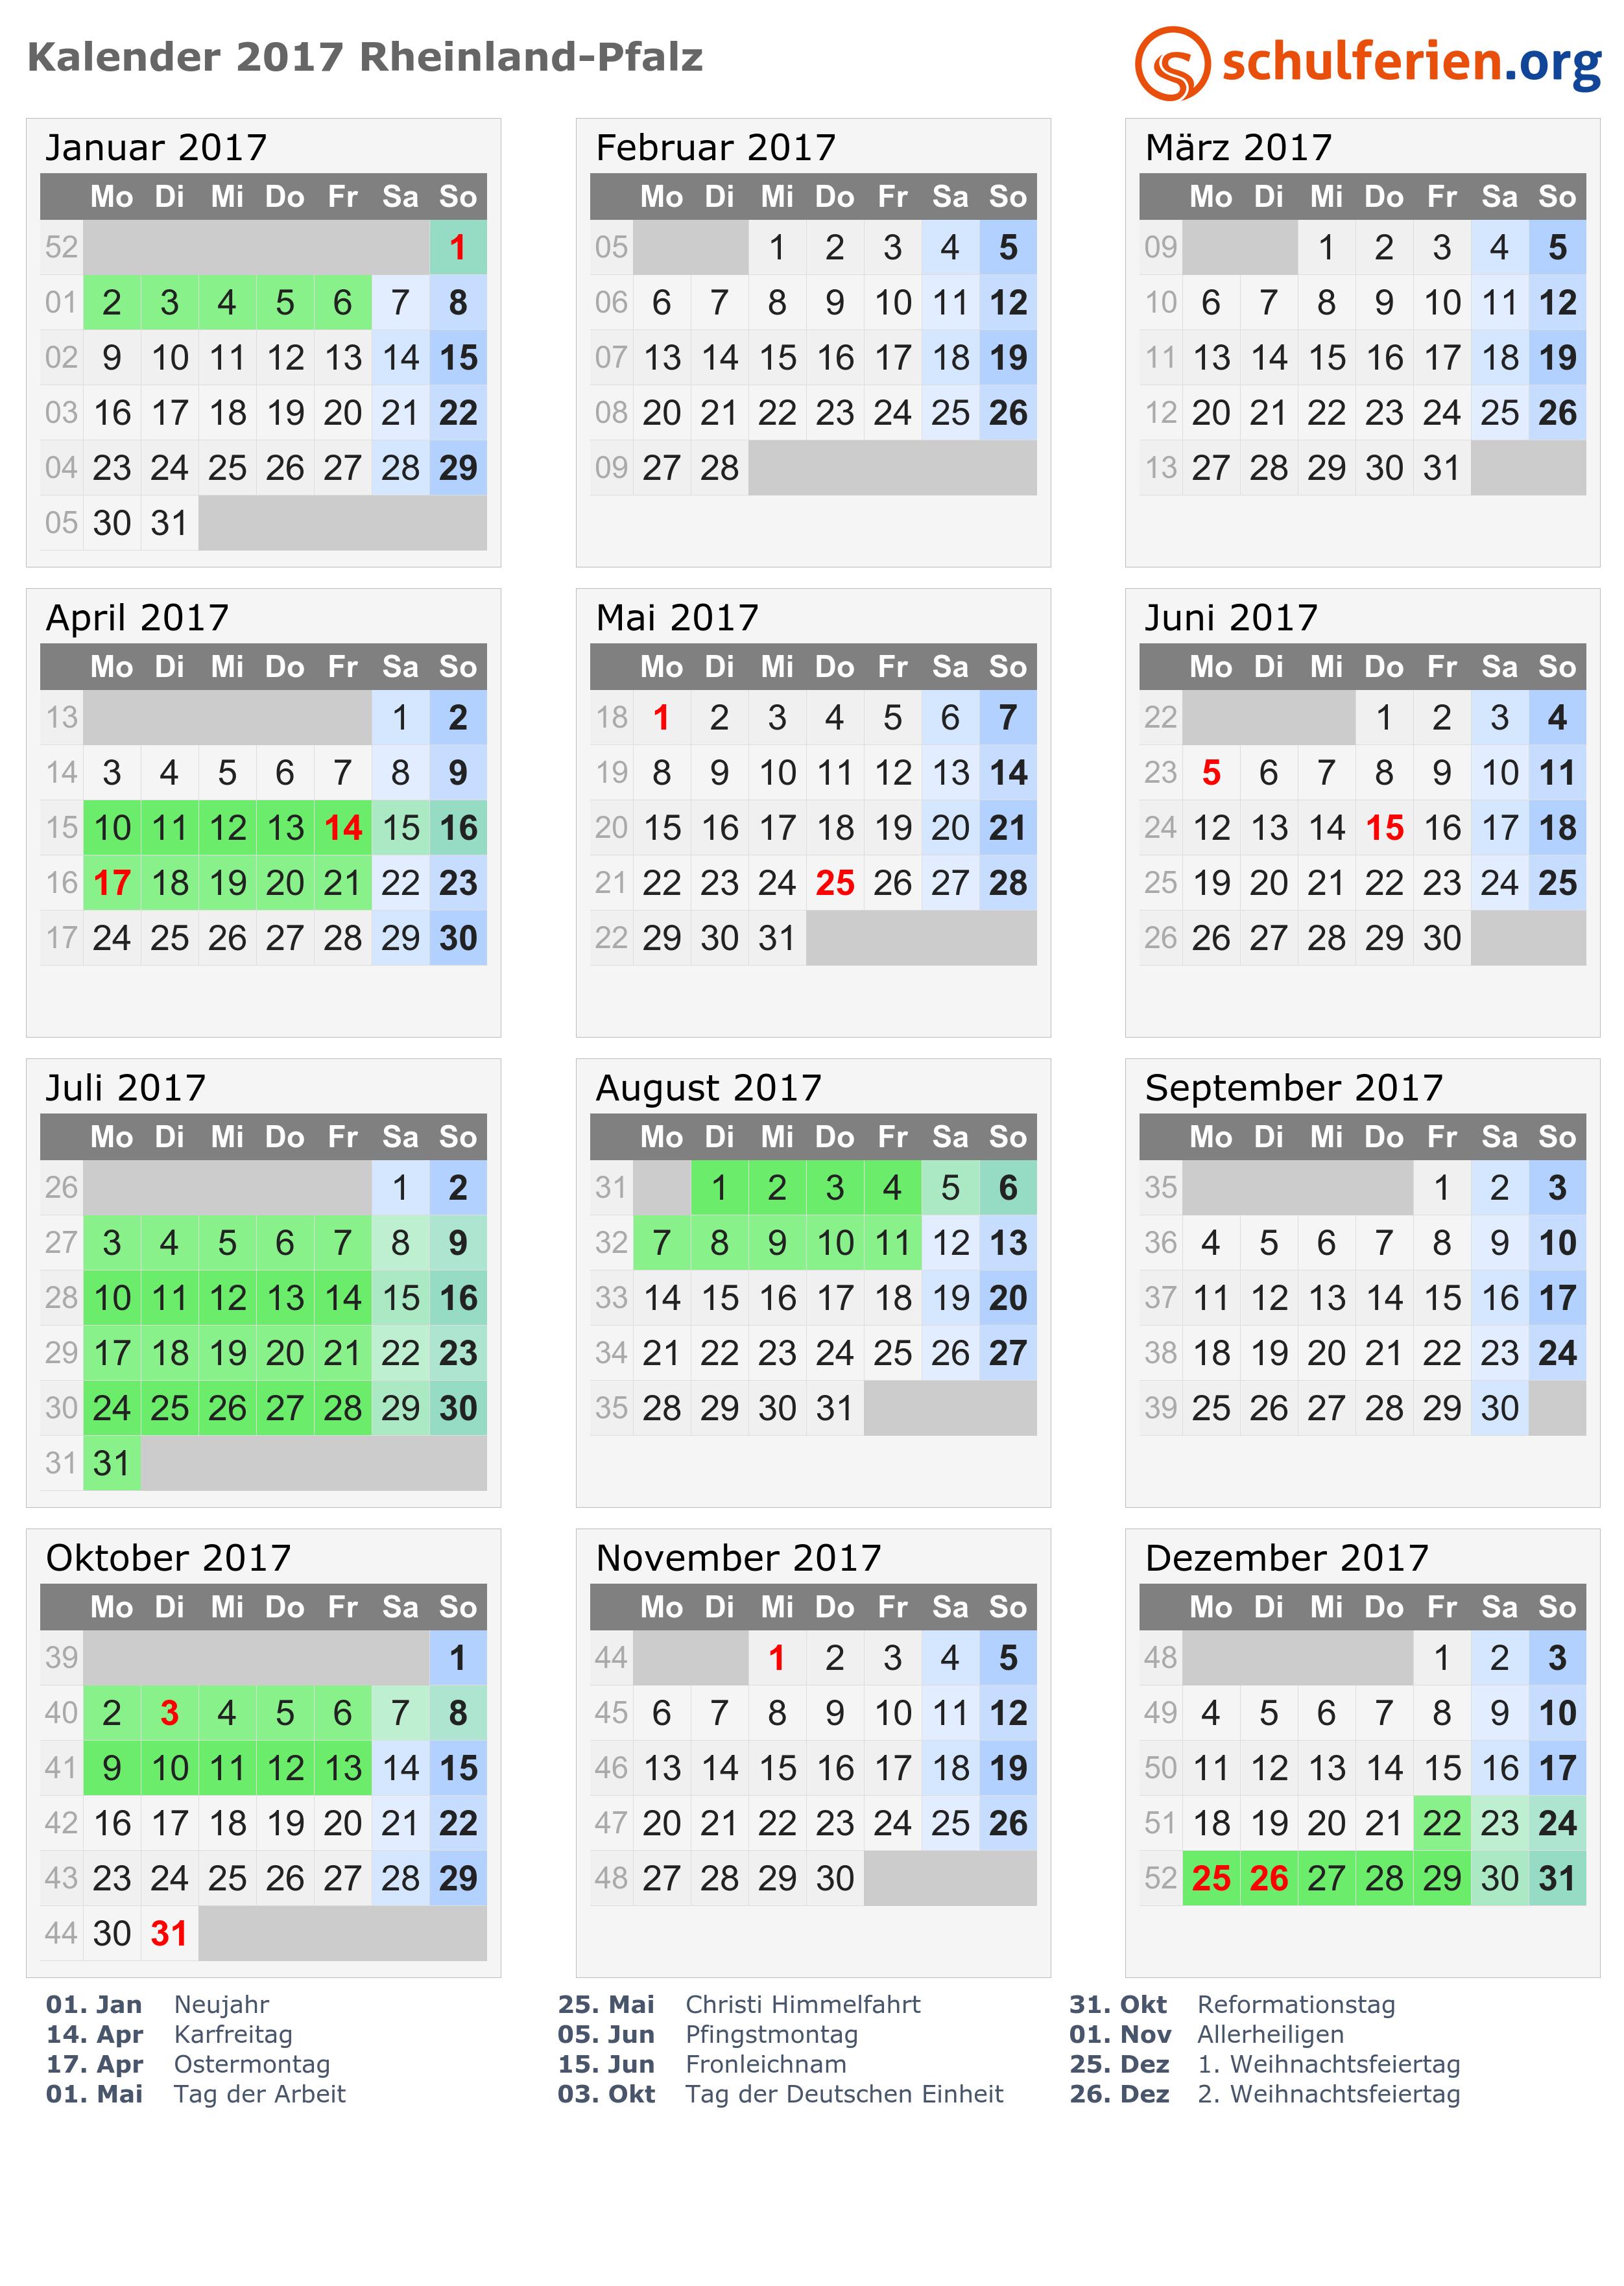 Ferien Bayern 2016 - Ferienkalender zum Ausdrucken